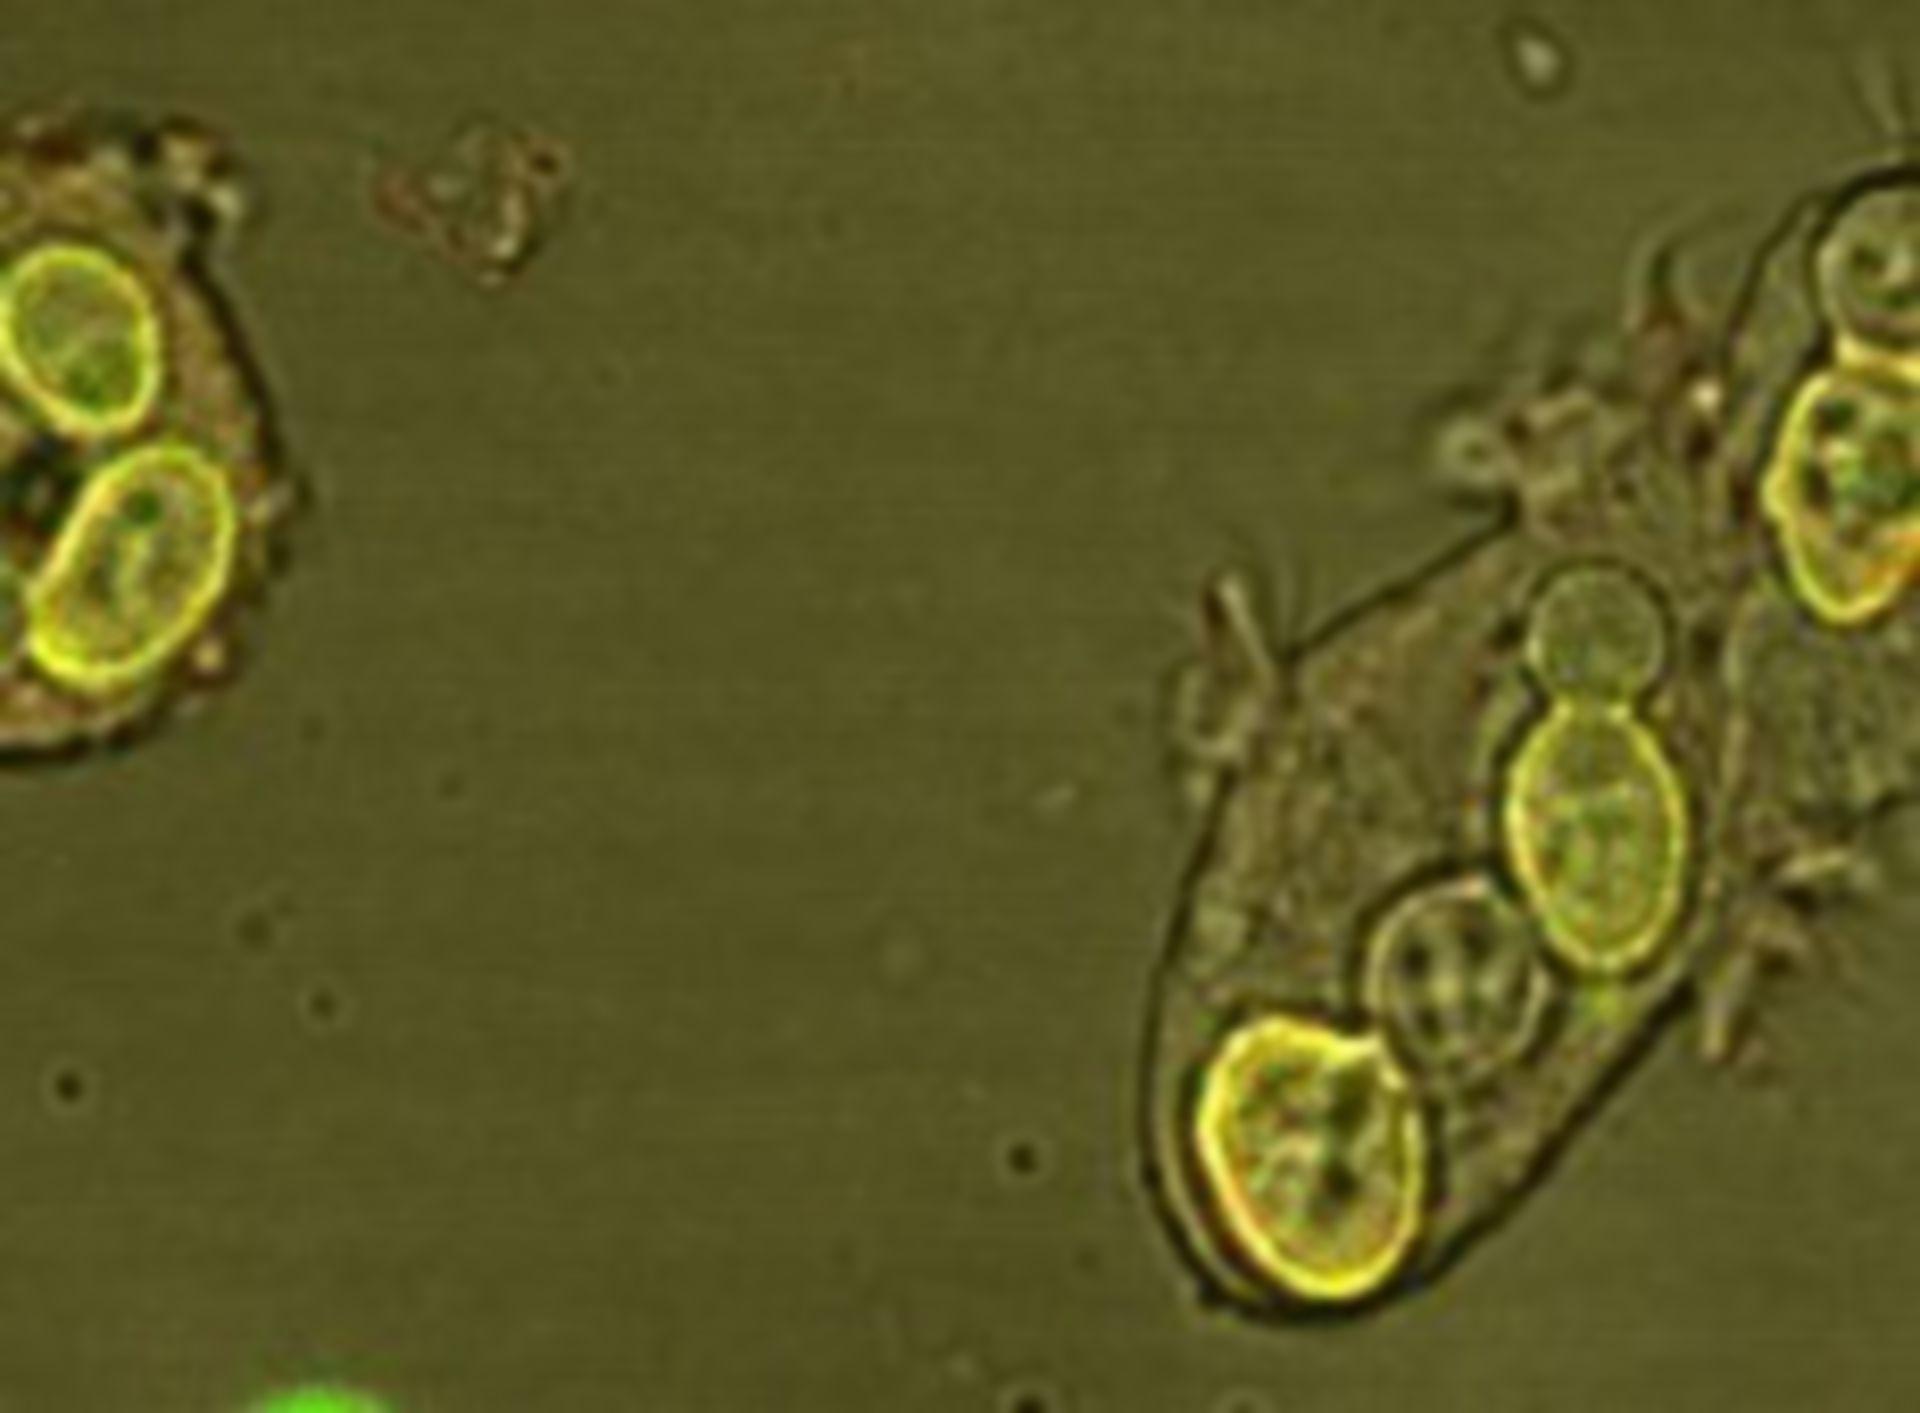 Dictyostelium discoideum (Food vacuole) - CIL:7327